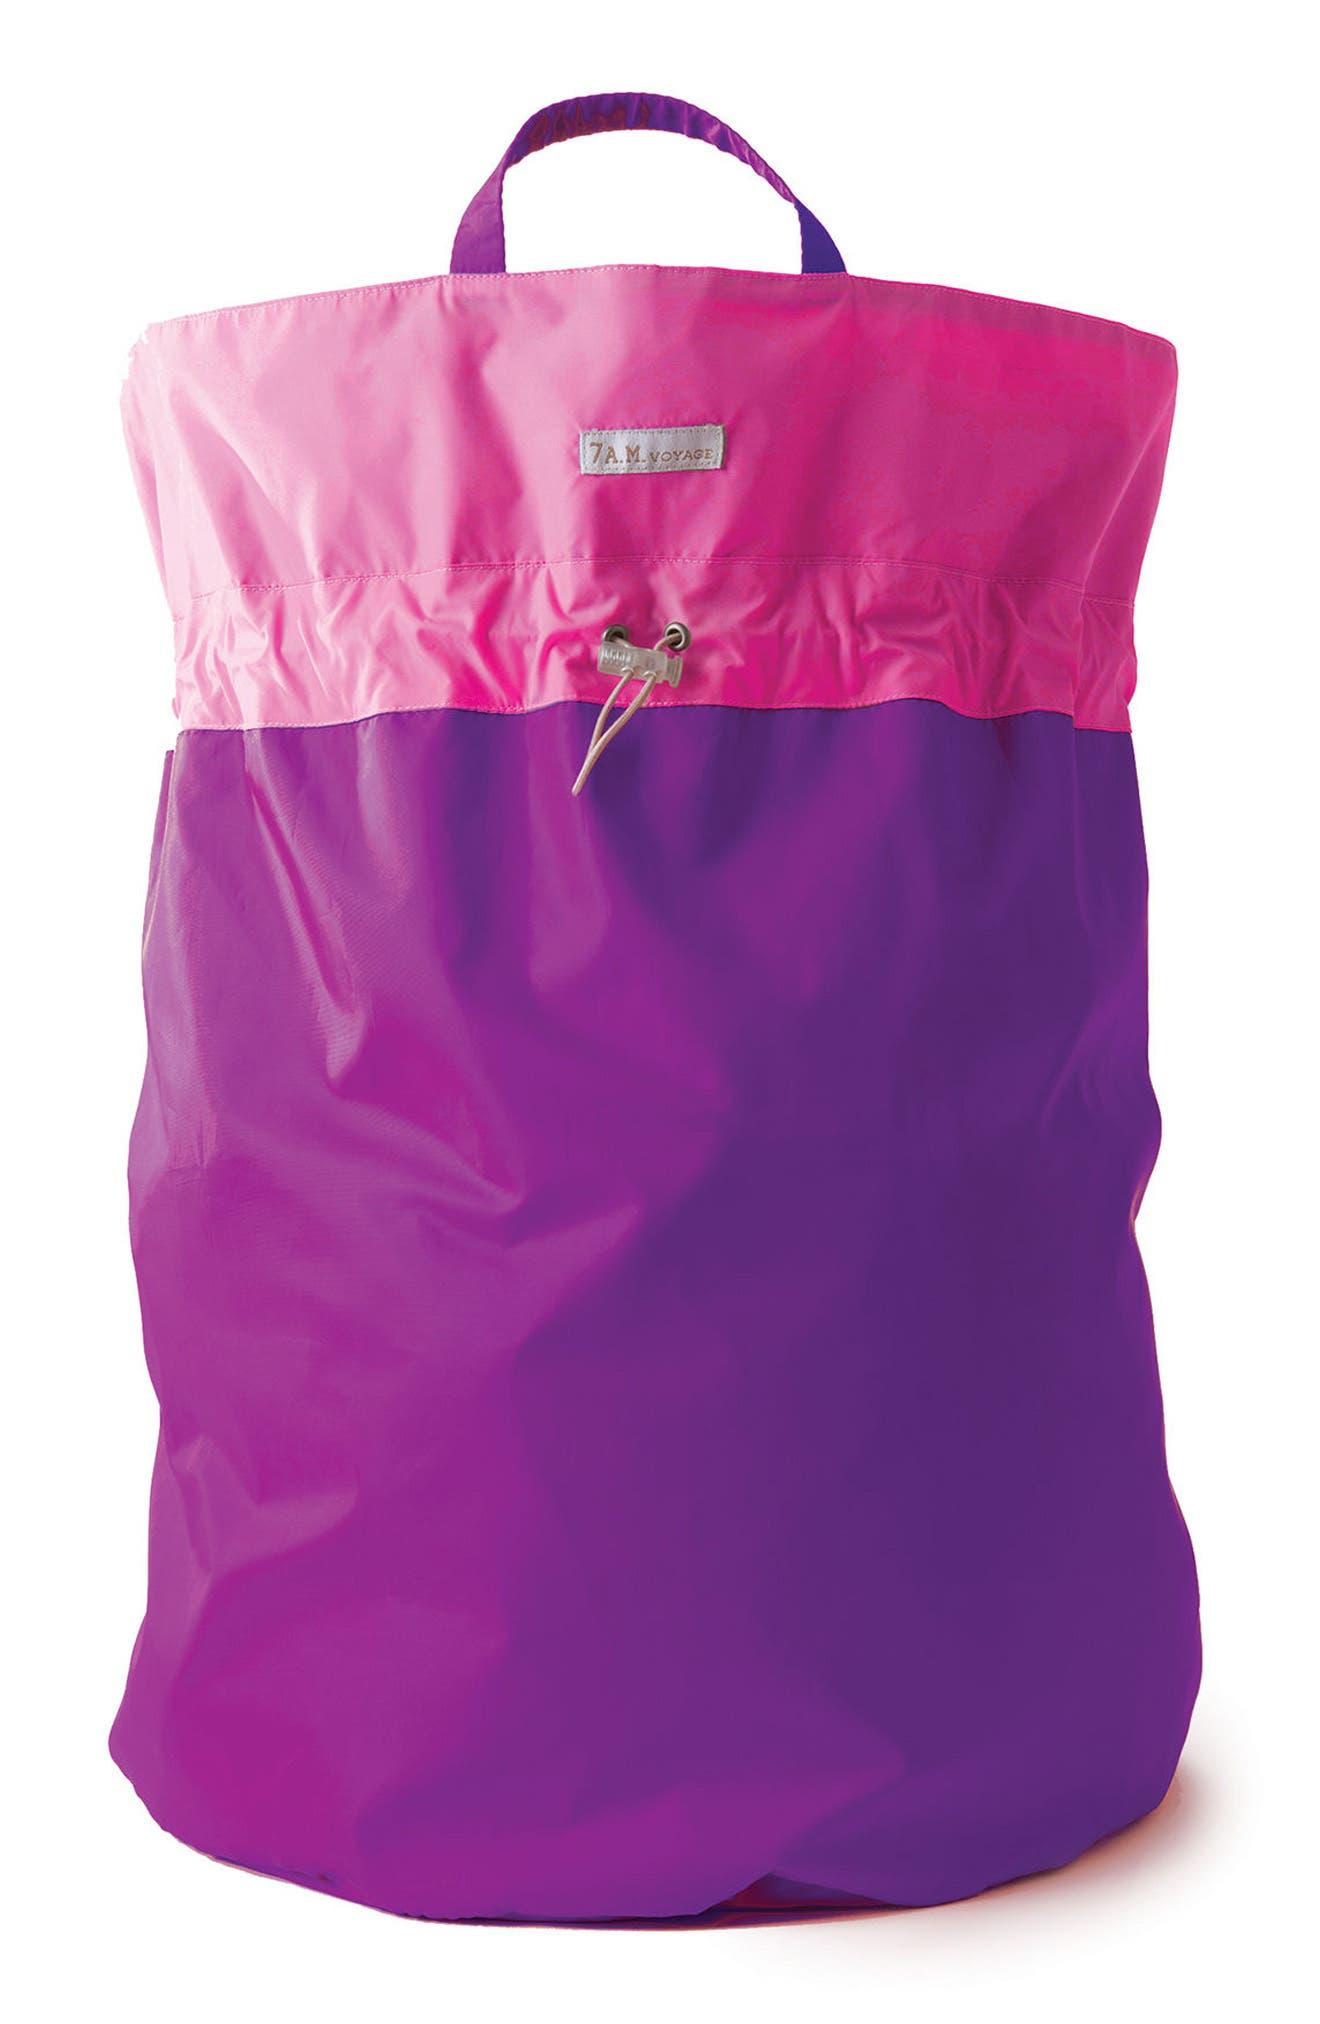 7 A.M. Enfant Water Repellent Hamper Bag